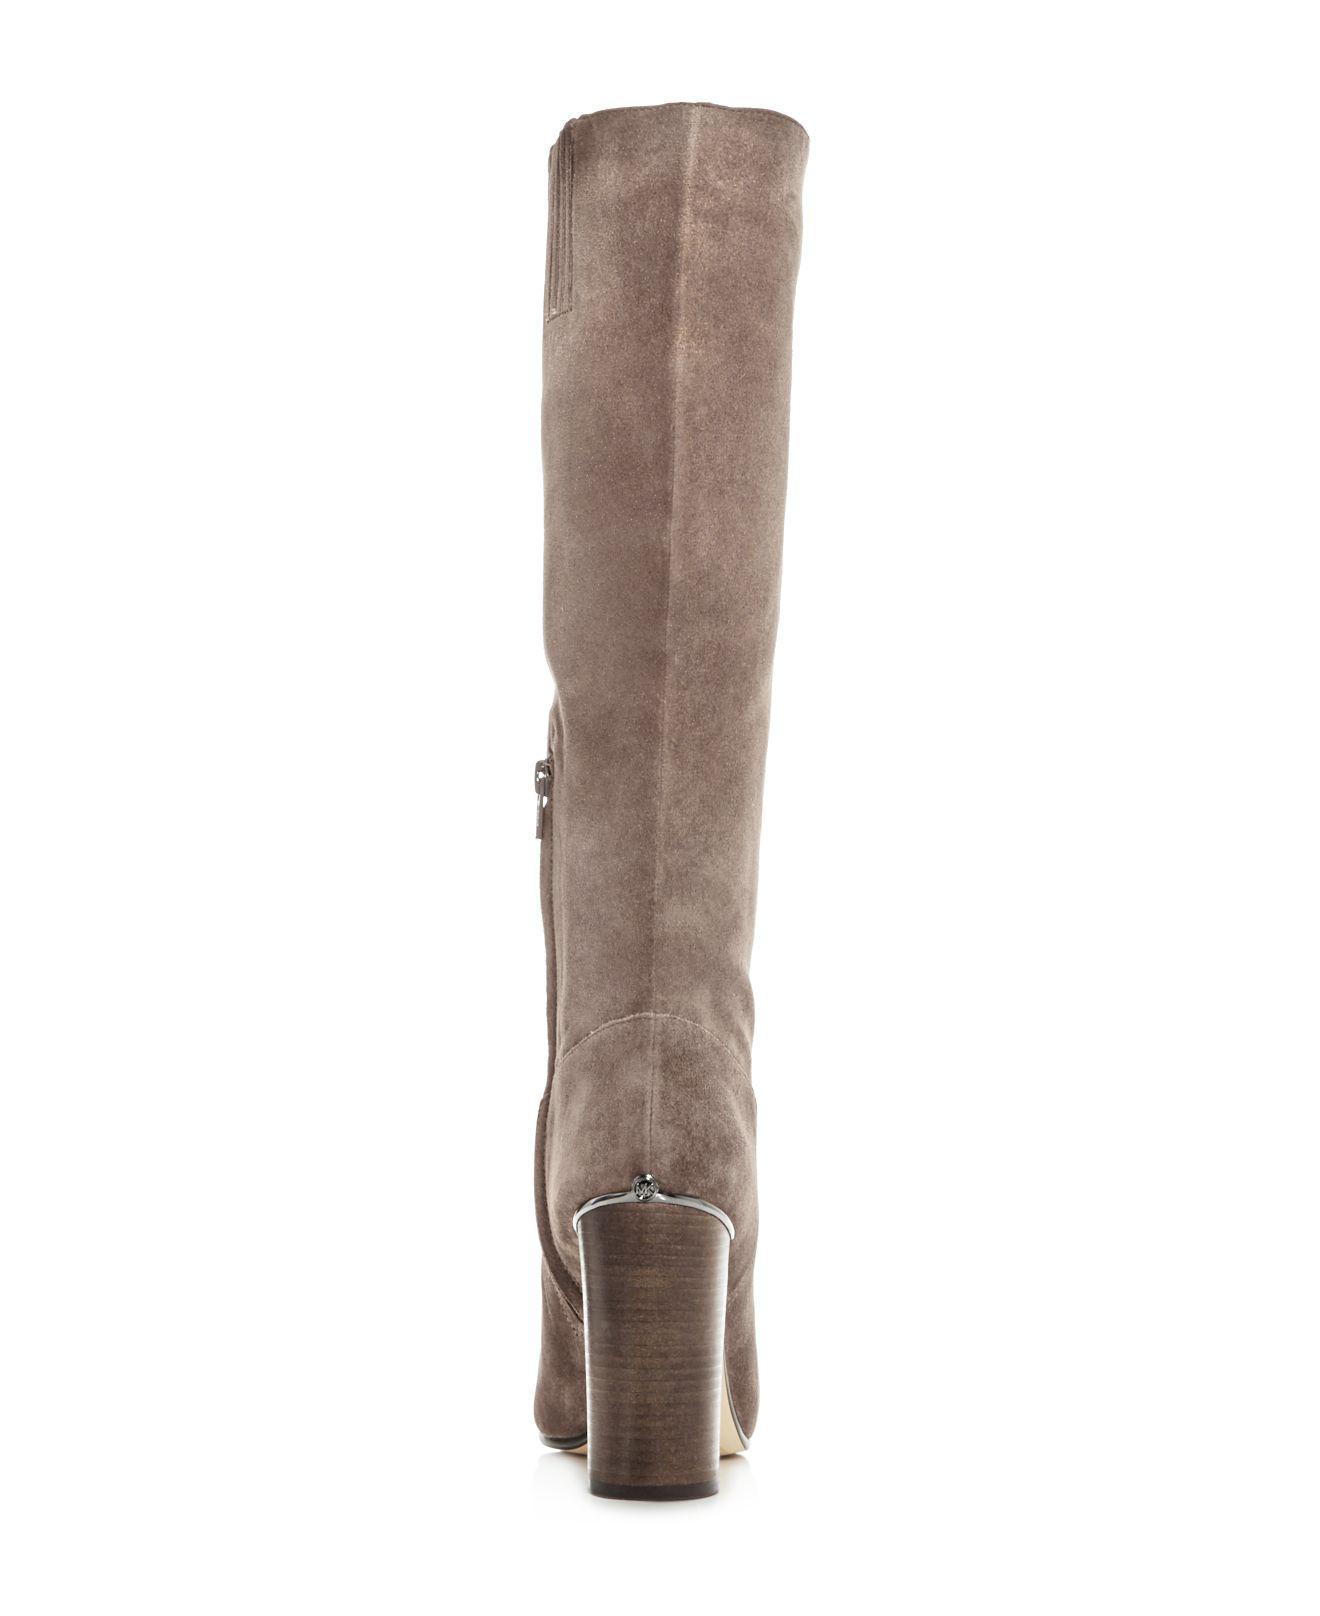 cfba5290d91 Lyst - MICHAEL Michael Kors Women s Janice Suede High Heel Boots in ...